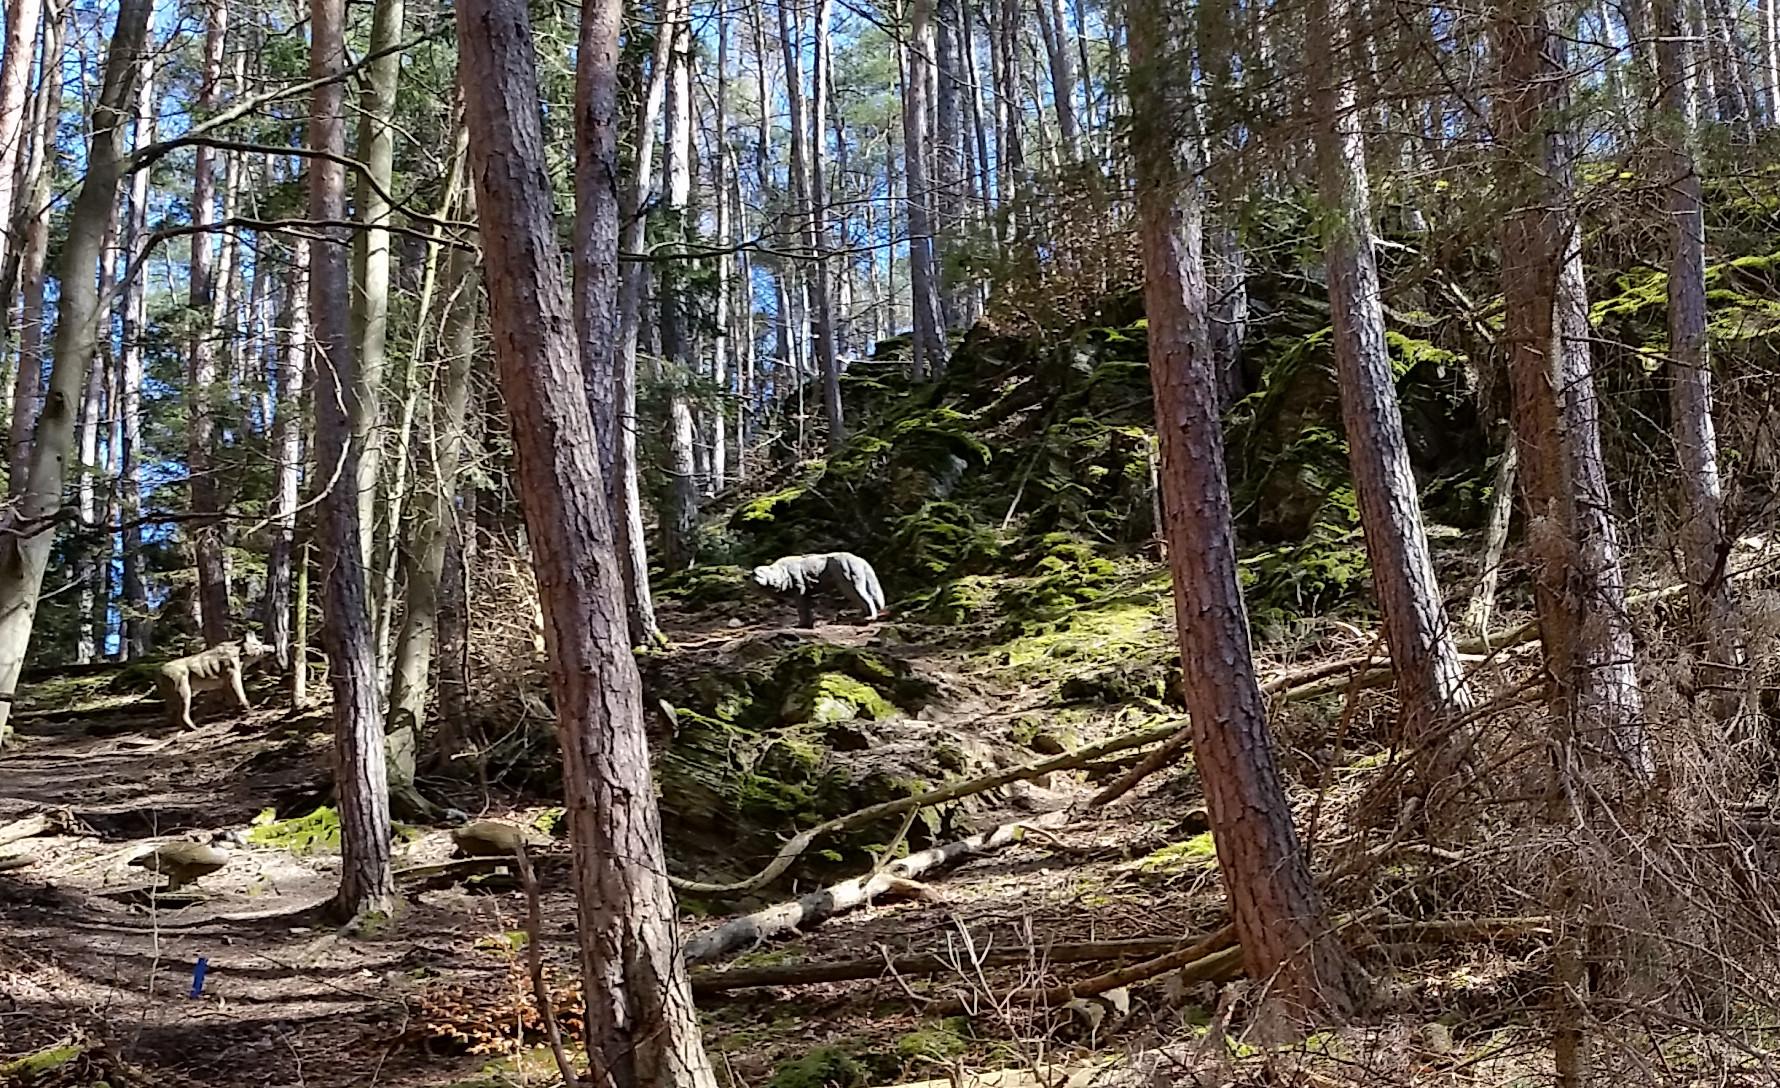 3D-Bogenparcours Bowra: 3D-Ziel Wolfsrudel an Steilhang, Copyright: Pfeilflug 1998 e.V. Urheber: Steffen Dahms